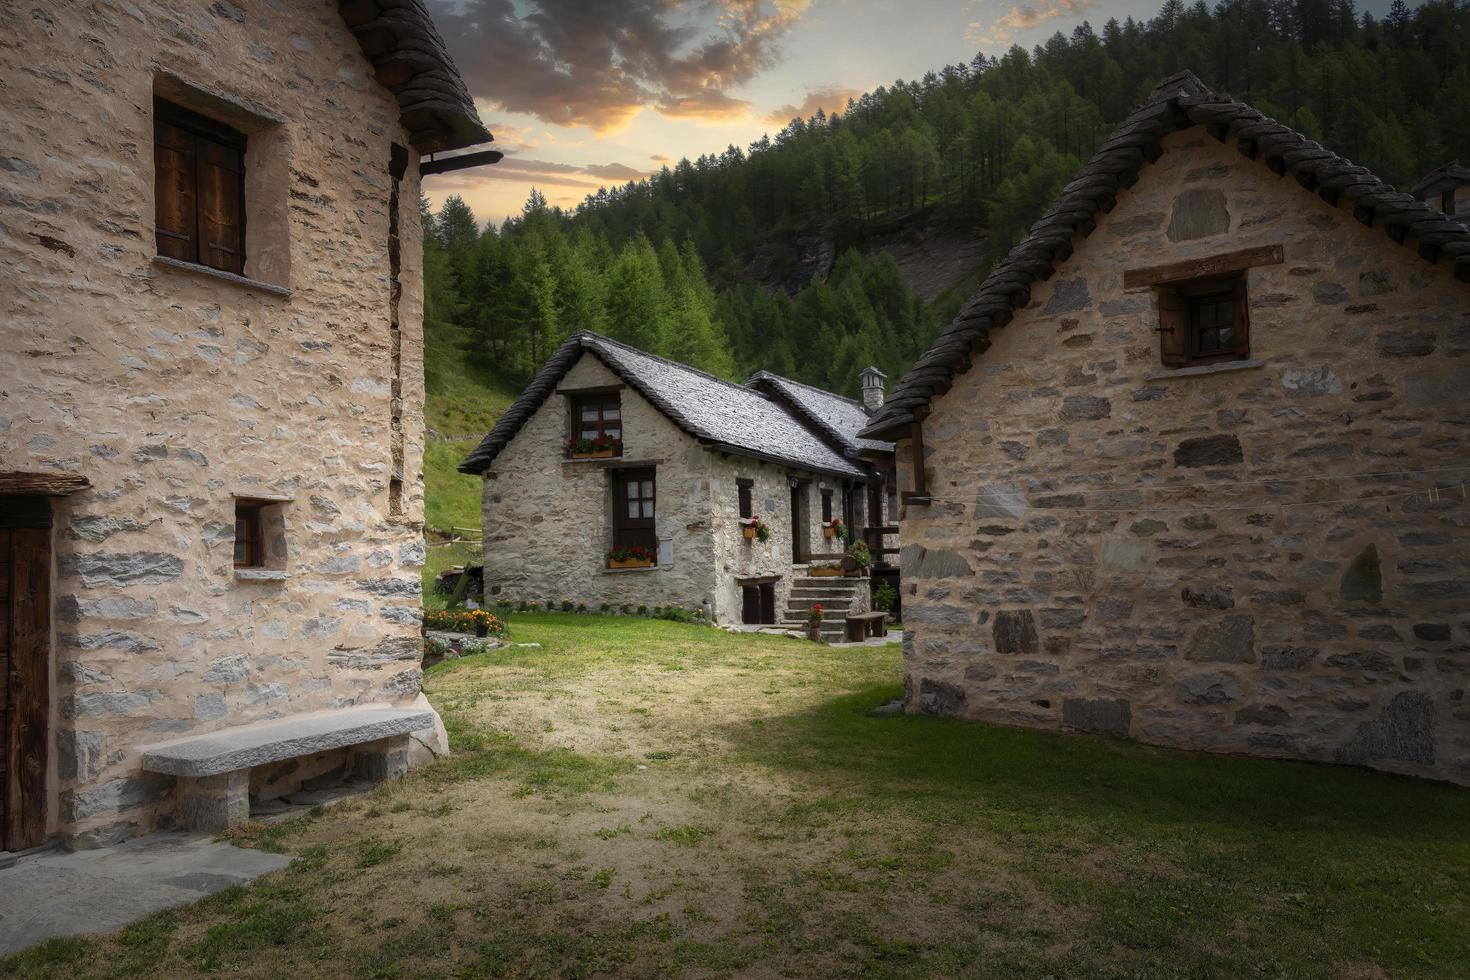 vista de un pueblo alpino foto